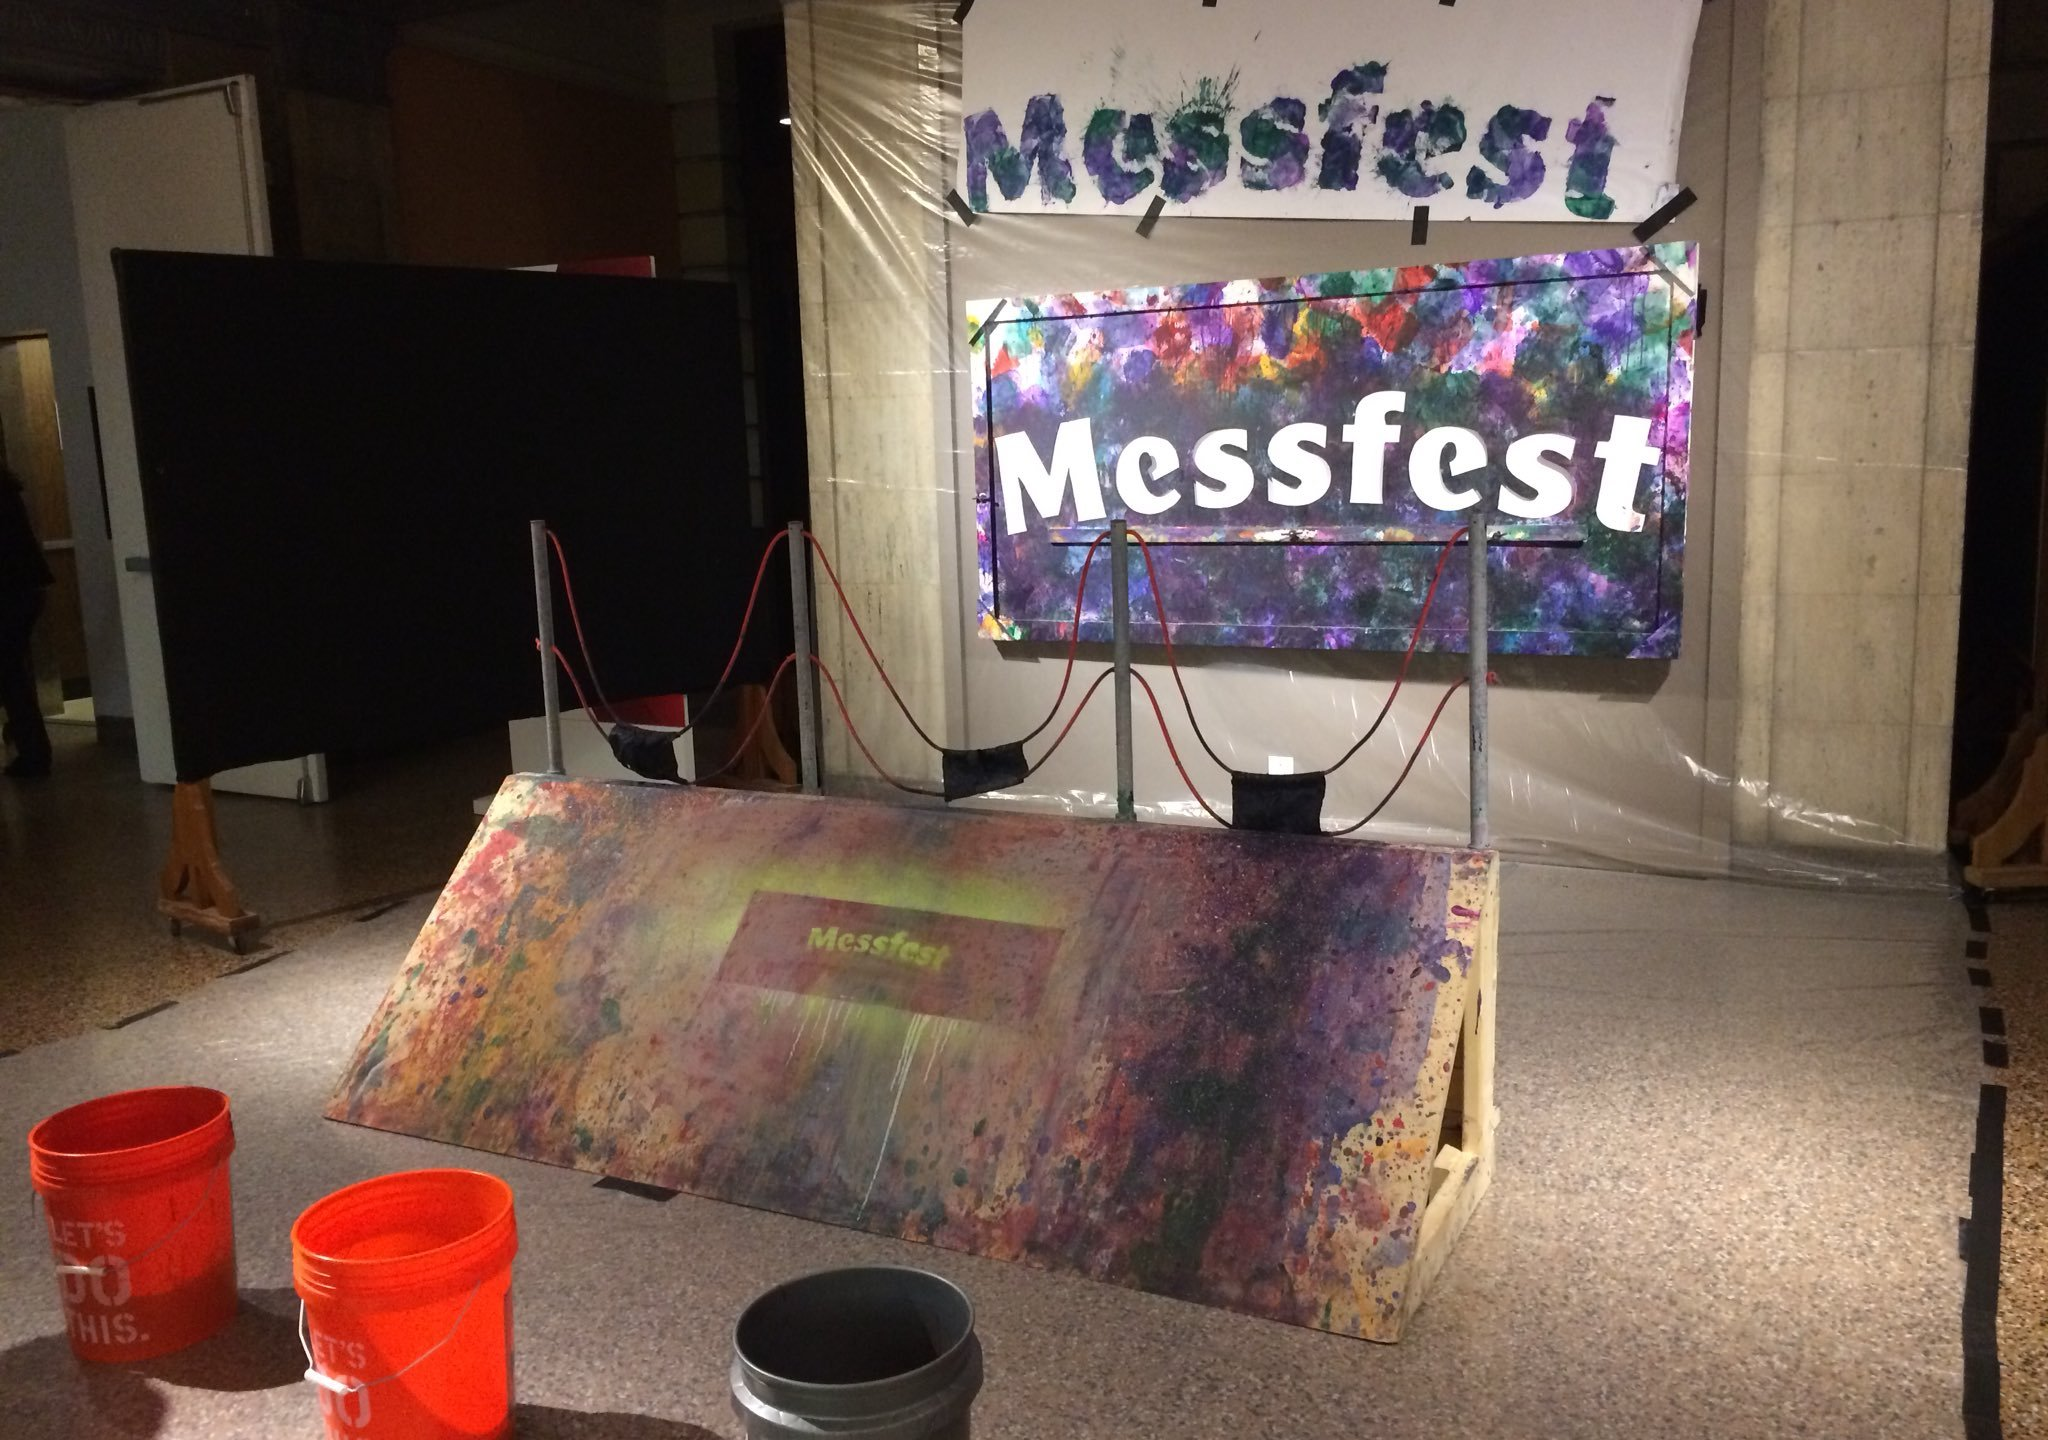 messfest pic_1522944882258.jpg.jpg